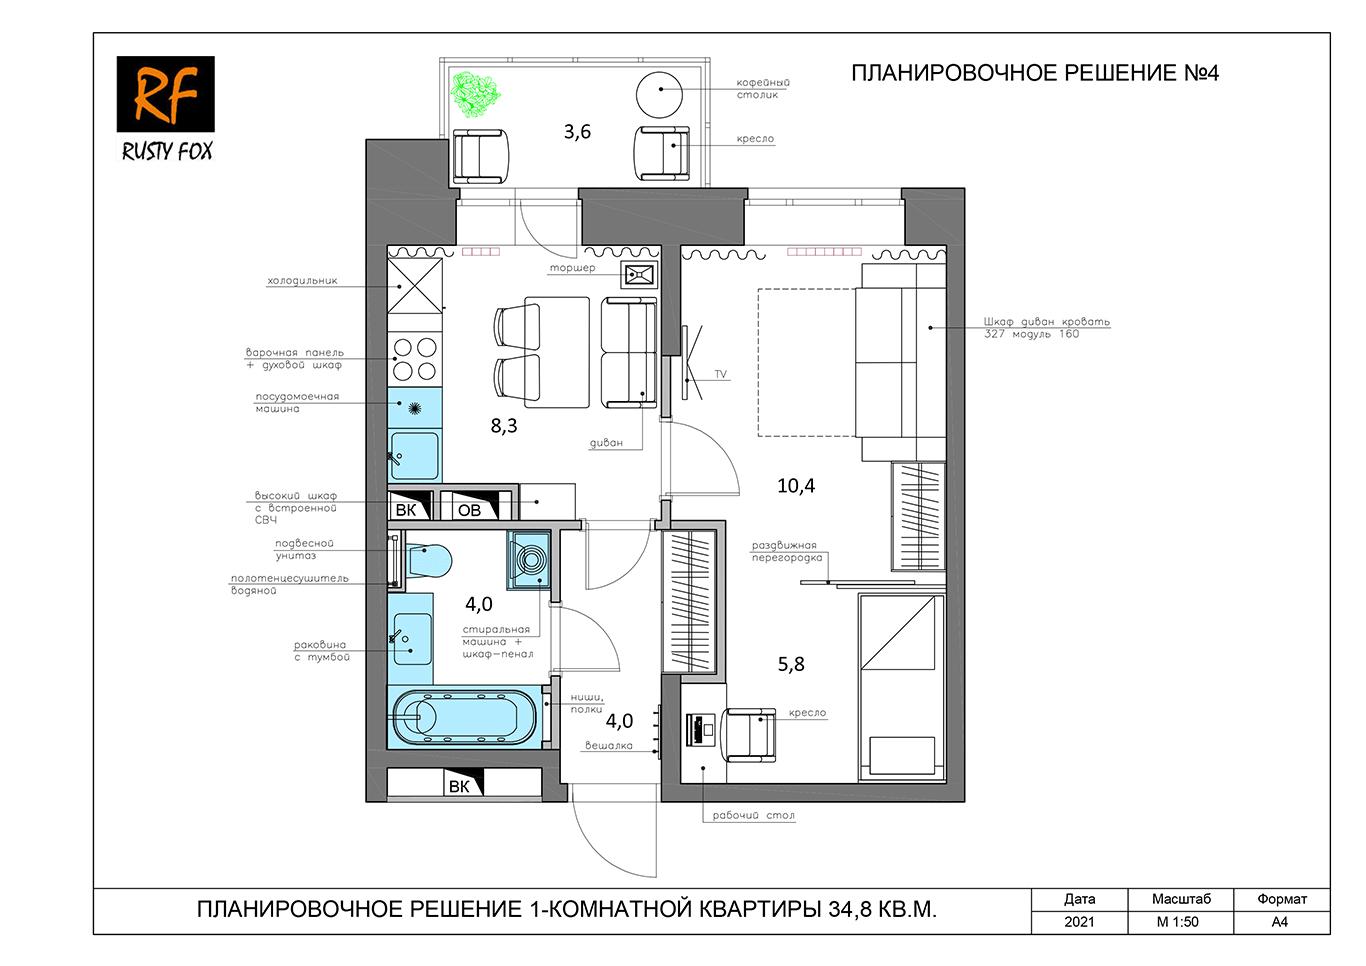 ЖК Люберцы корпус 52, секция 1. Планировочное решение №4 1-комнотной квартира 34,8 кв.м.